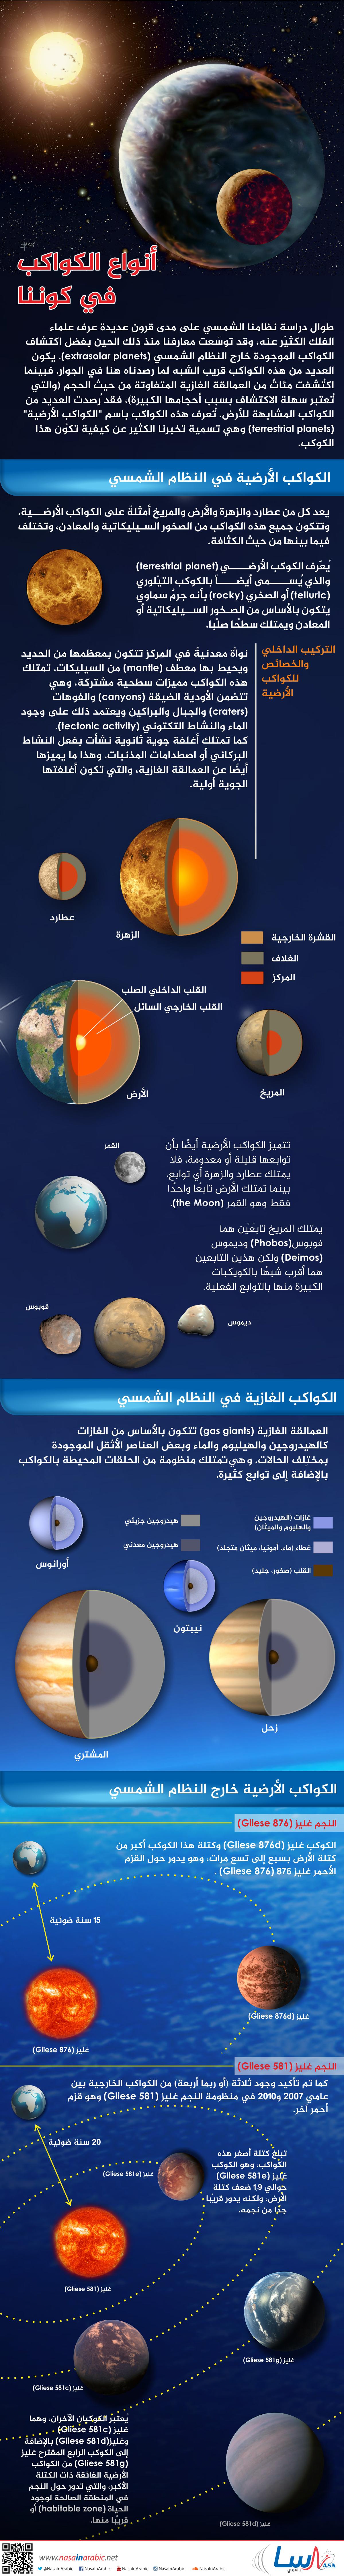 أنواع الكواكب المتواجدة في كوننا